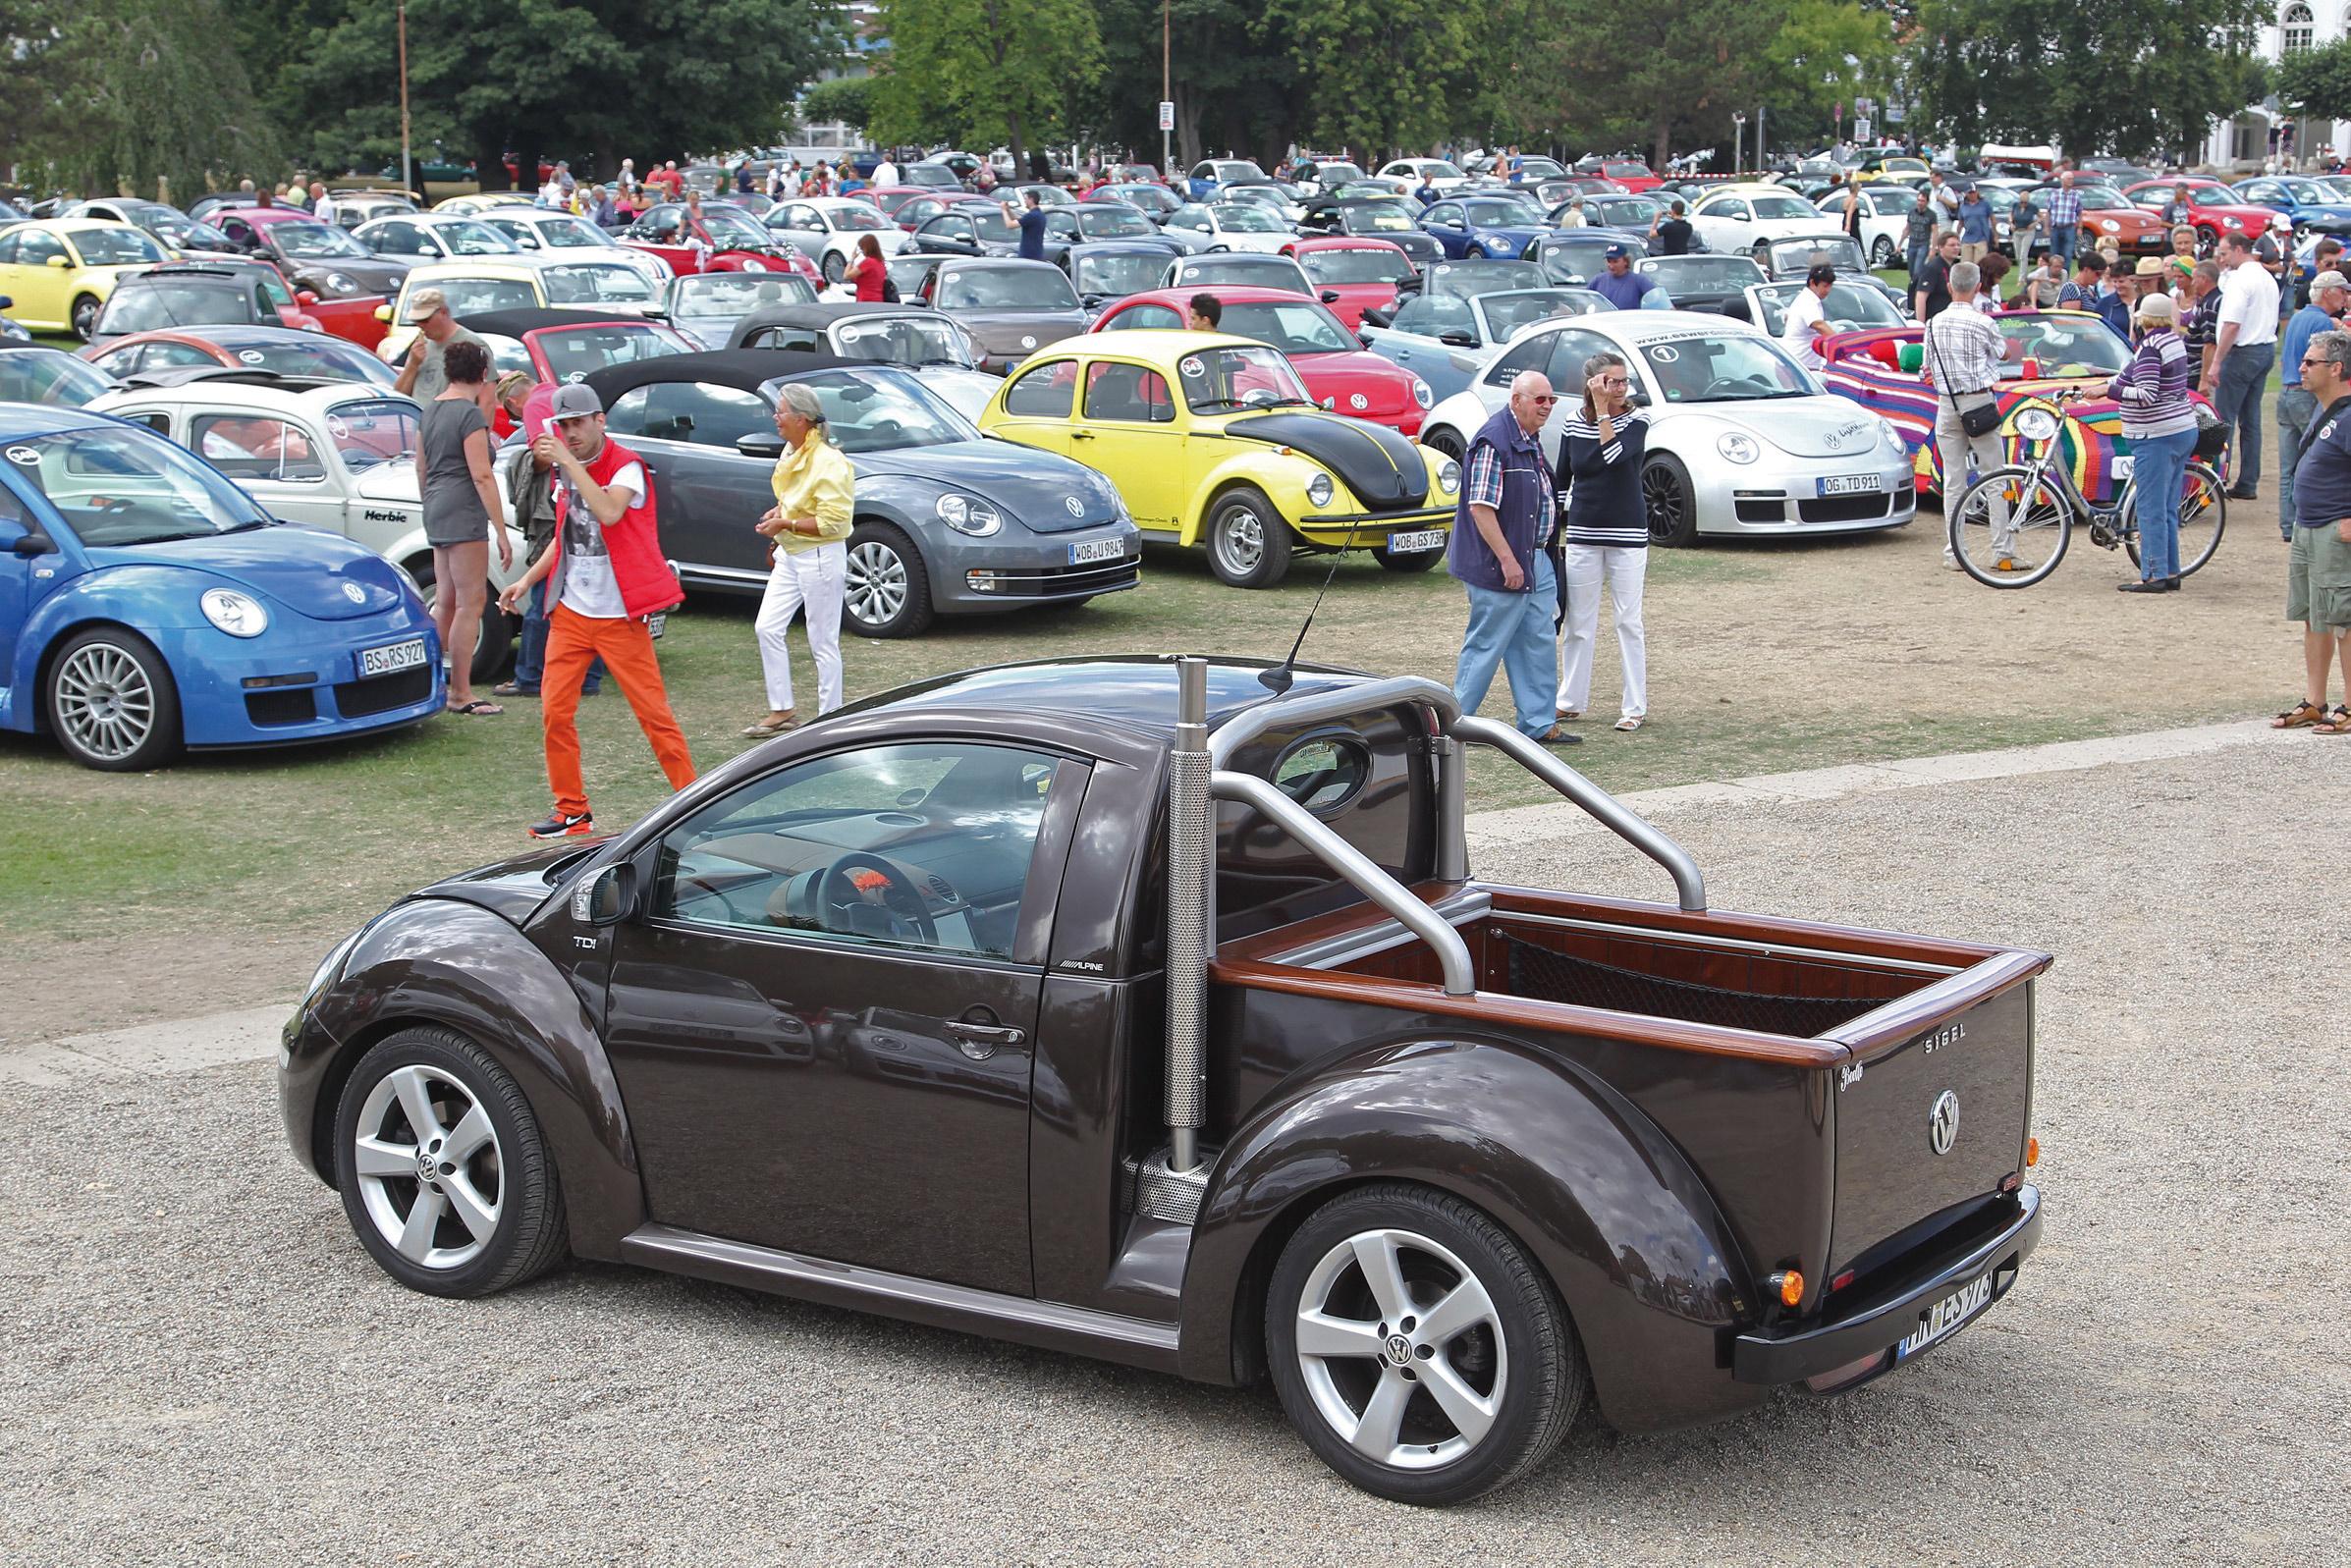 volkswagen-beetle-baltic-sea-2013-002